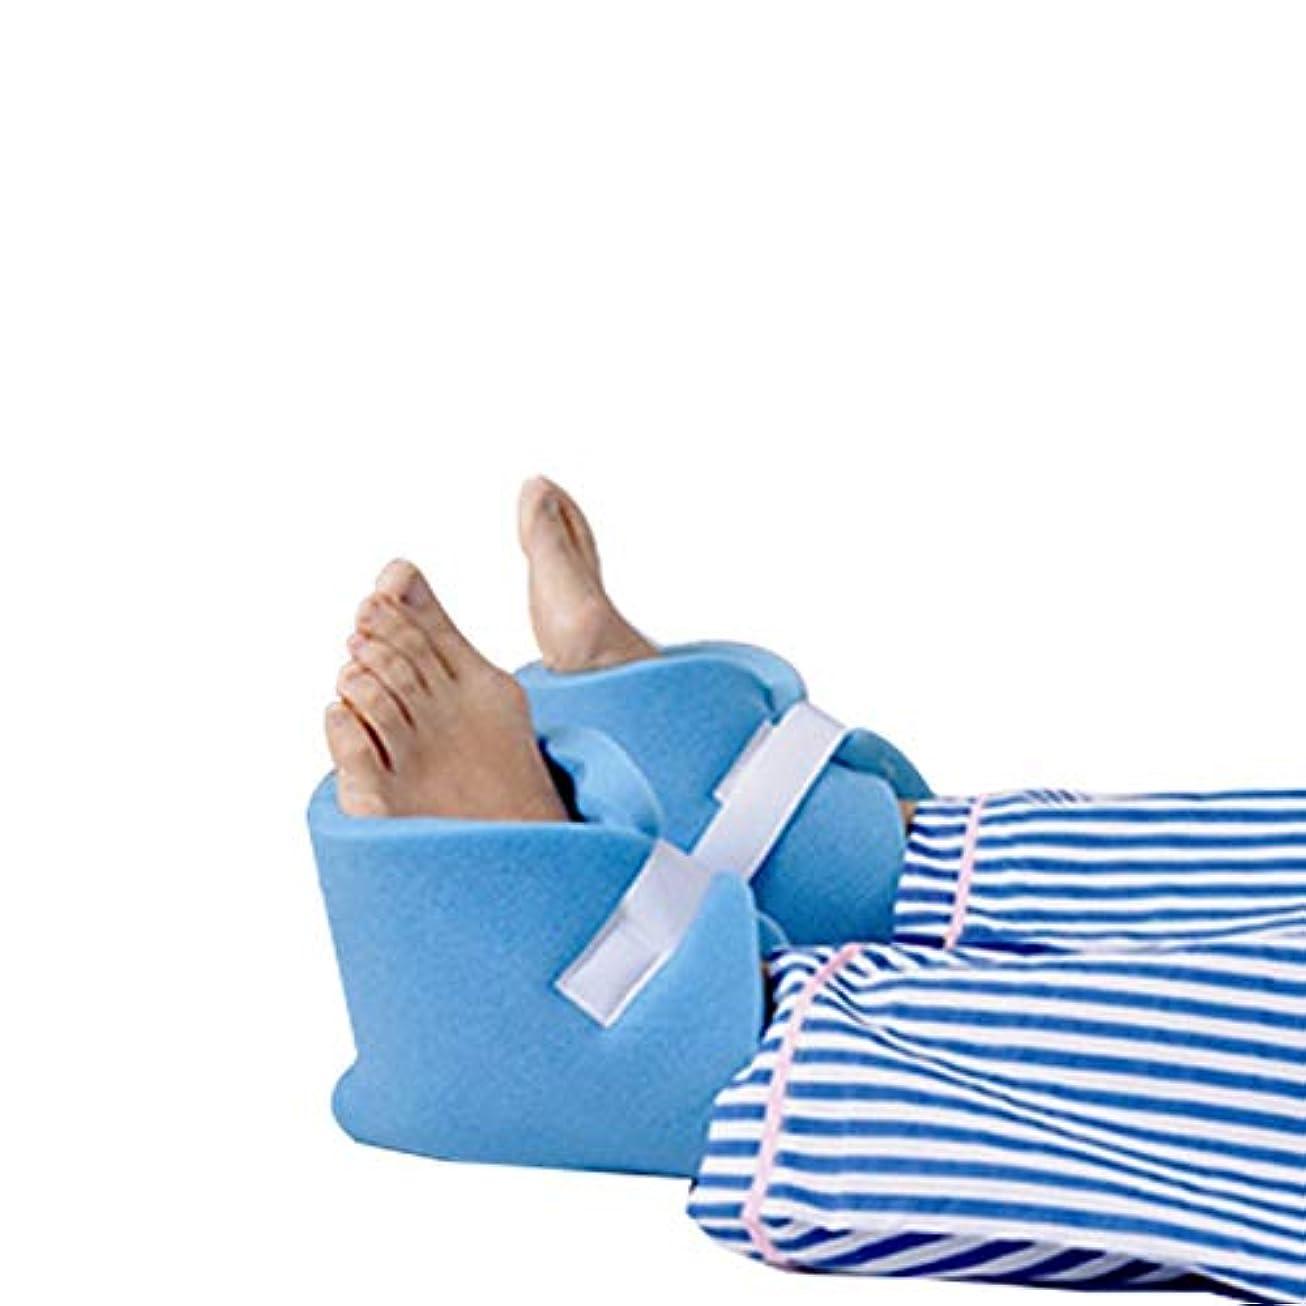 バタフライ笑つまらない泡のかかと足首足の保護具クッションの褥瘡用レッグレストピロー、デラックスワンペア